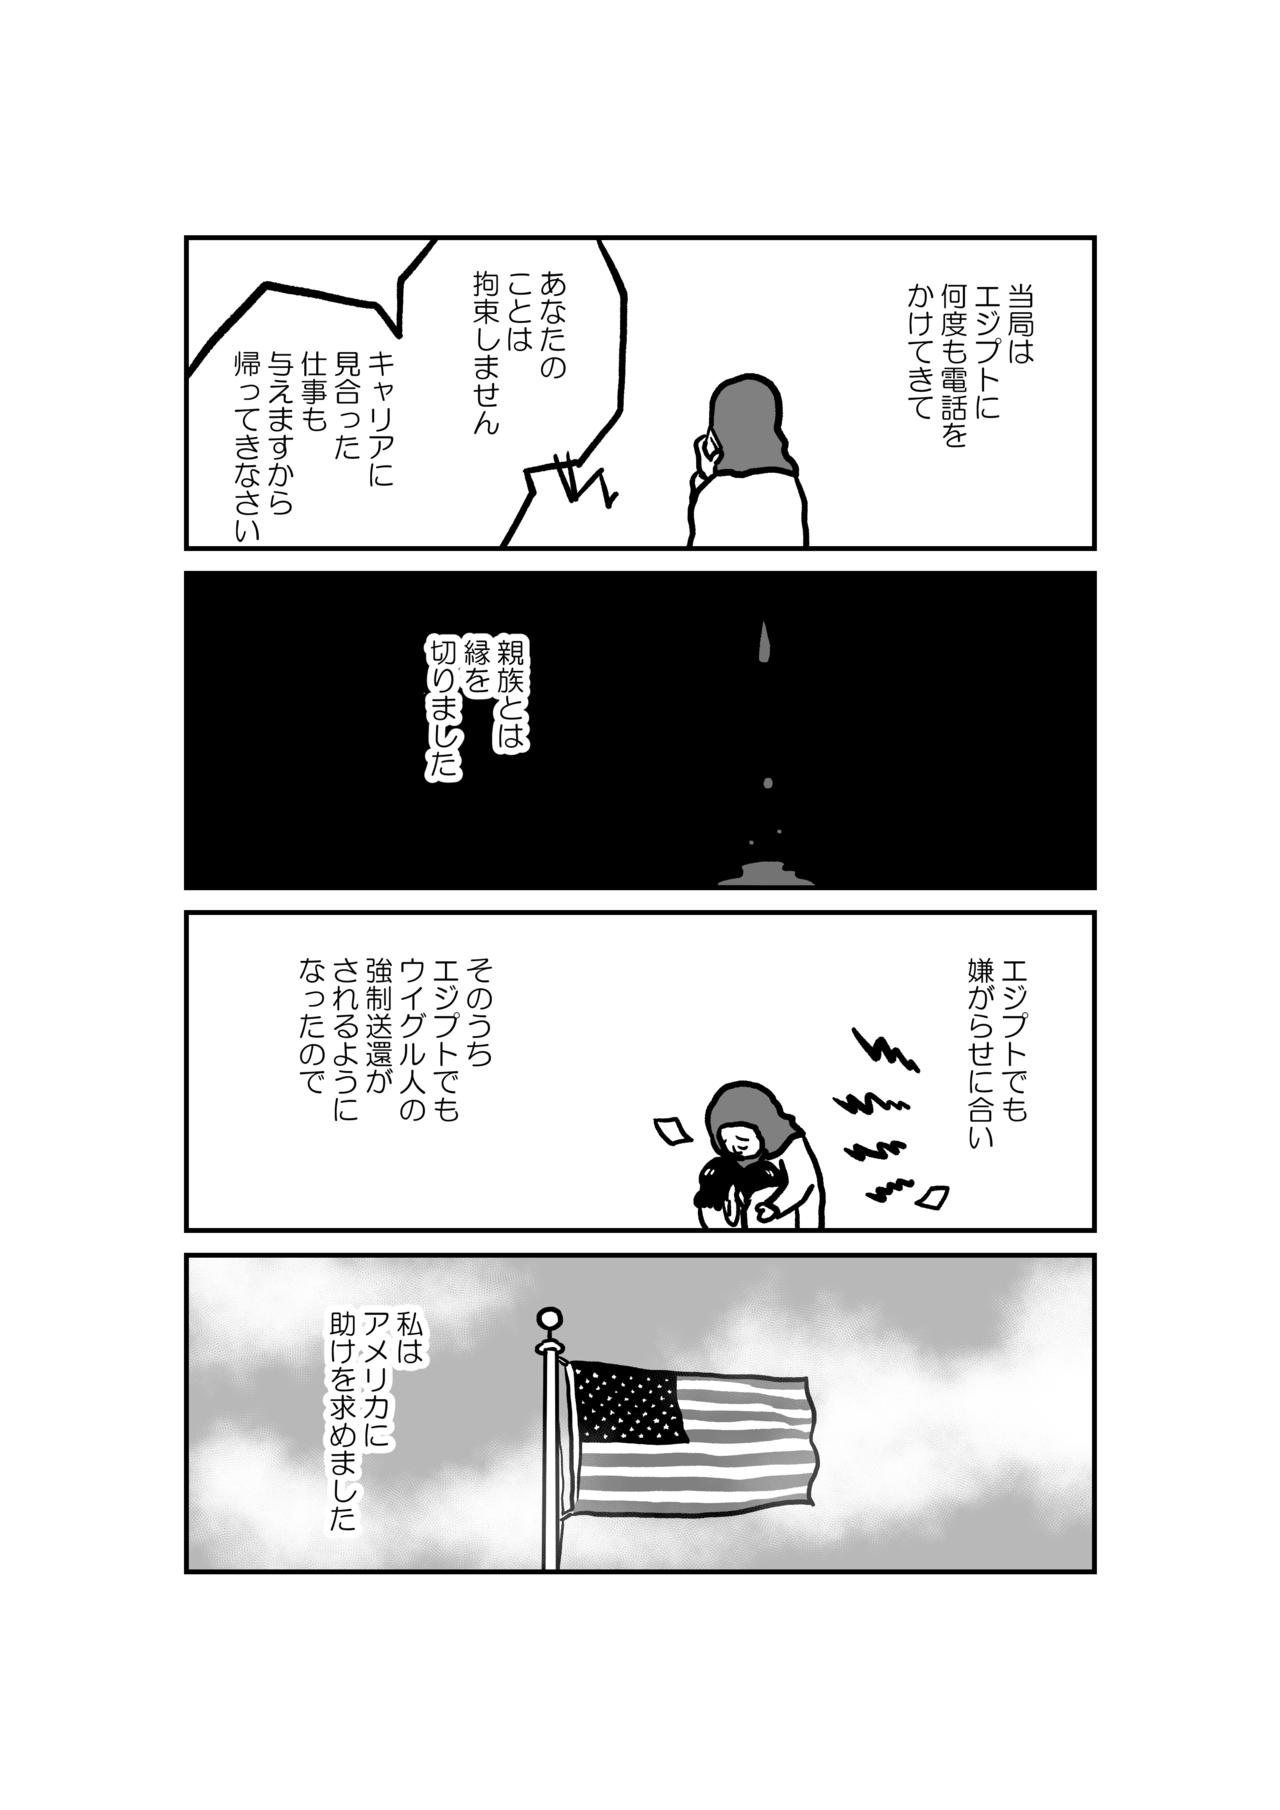 証言集会マンガ14